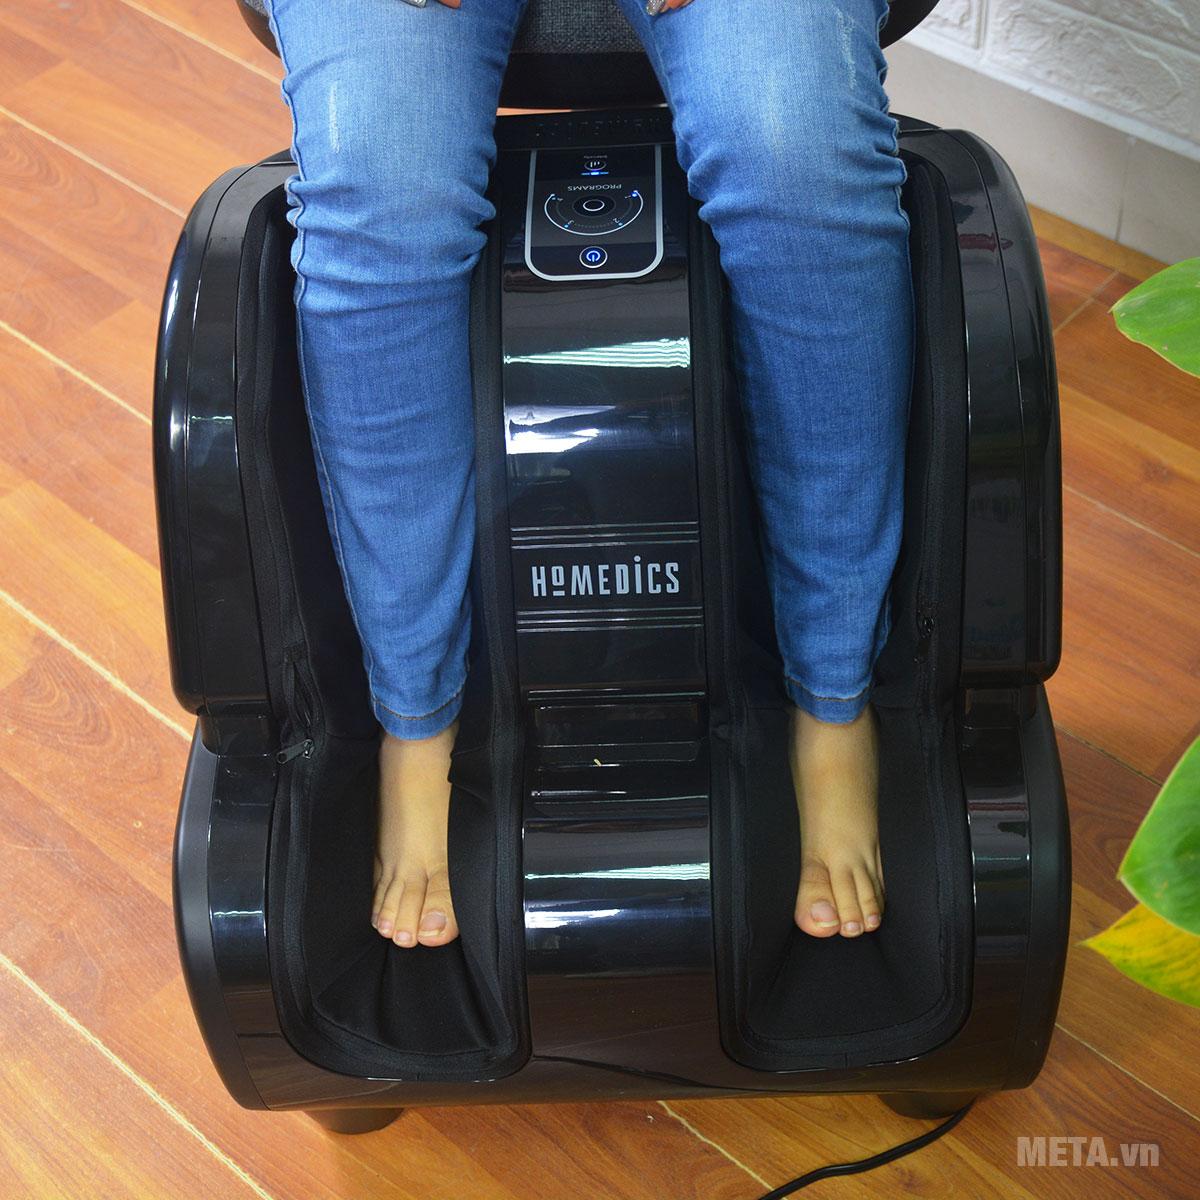 Đôi chân thư giãn hoàn toàn với máy massage chân cao cấp